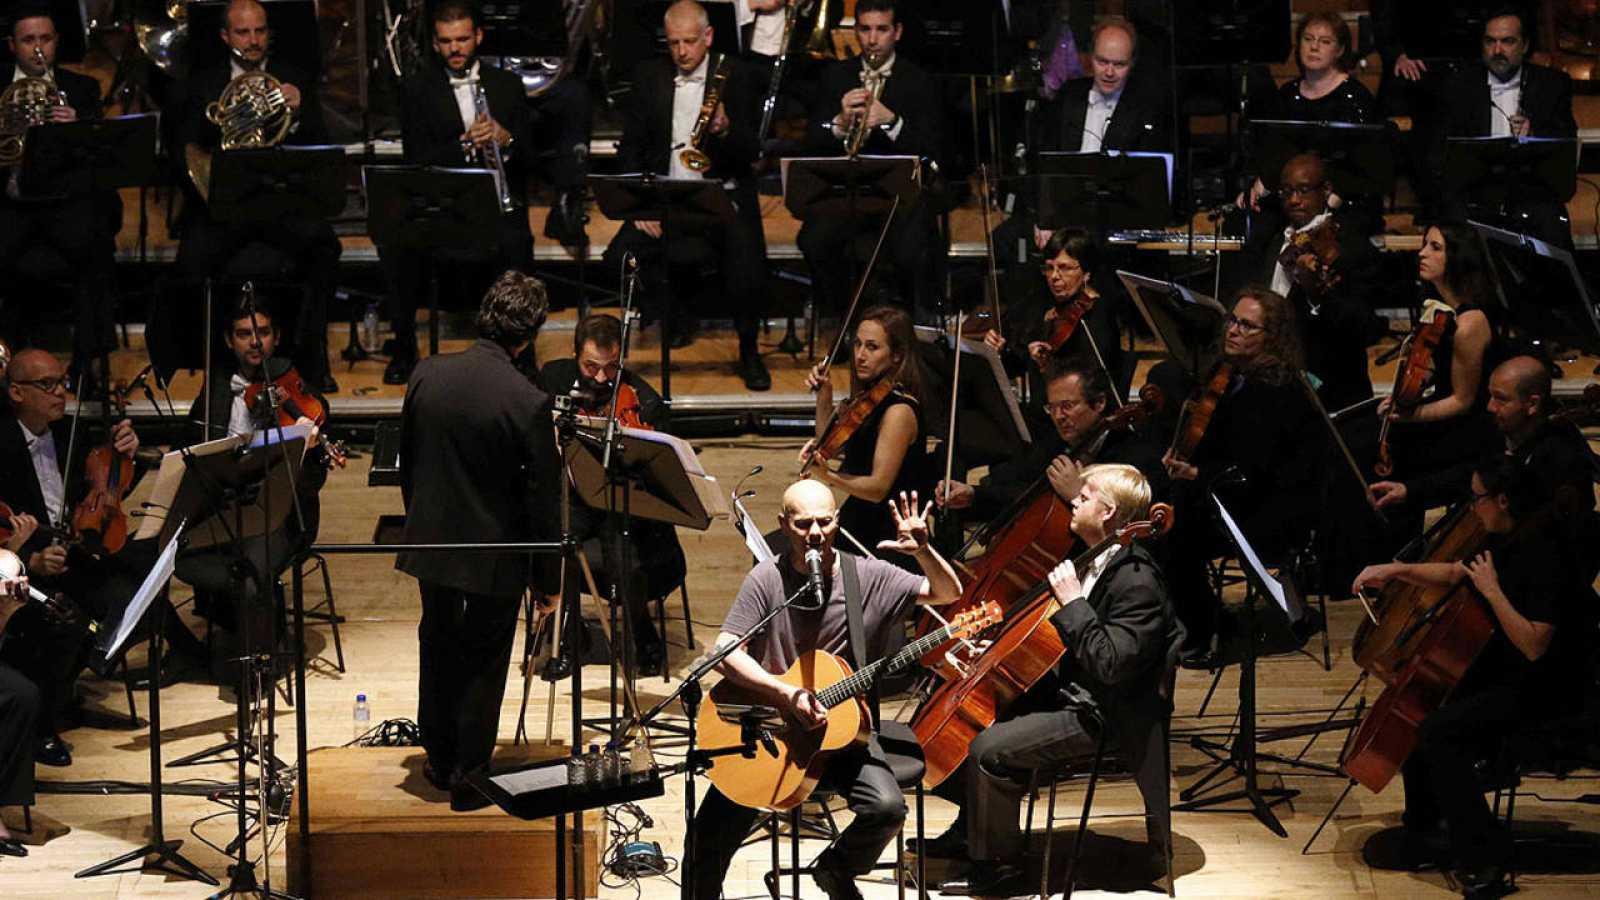 Celtas Cortos junto a la Orquesta Sinfónica del Principado de Asturias durante el concierto en Oviedo